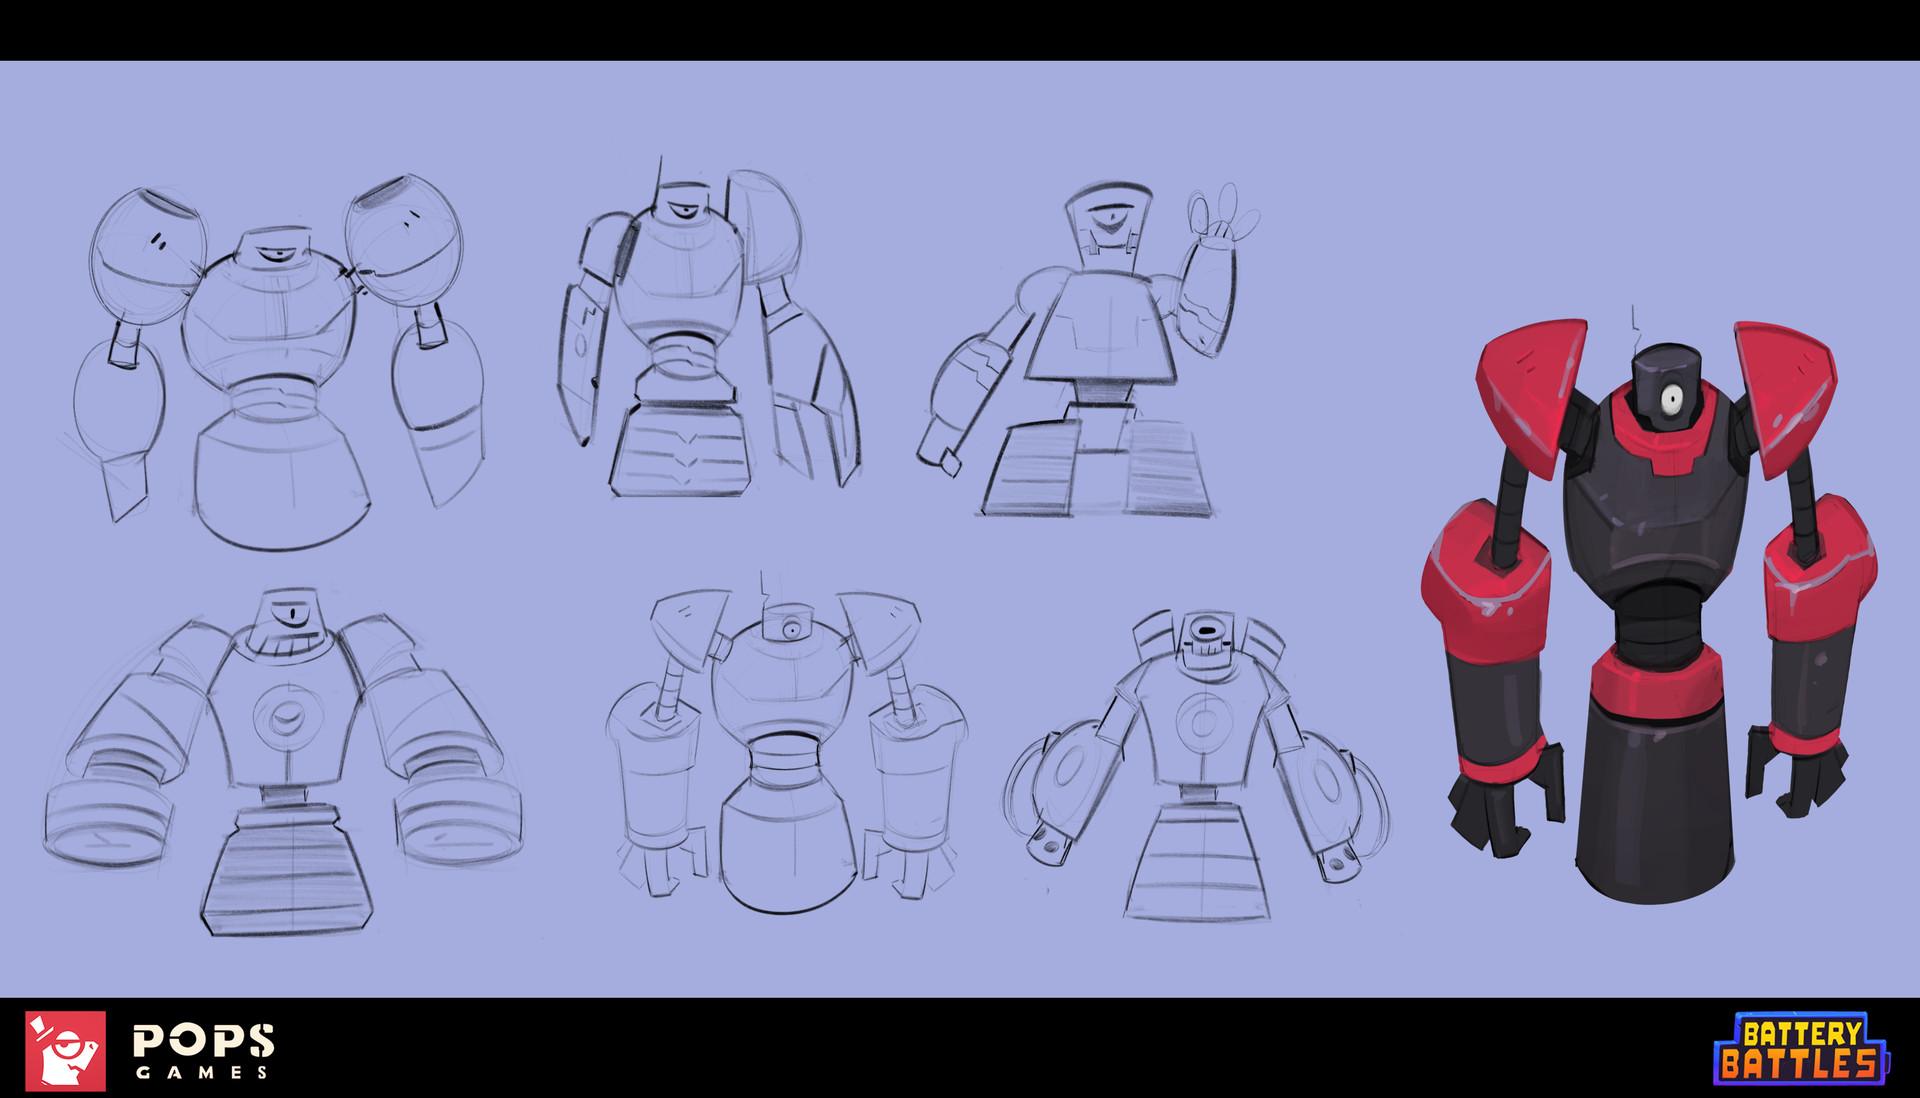 Drakhas oguzalp donduren 21 robo sketches 21